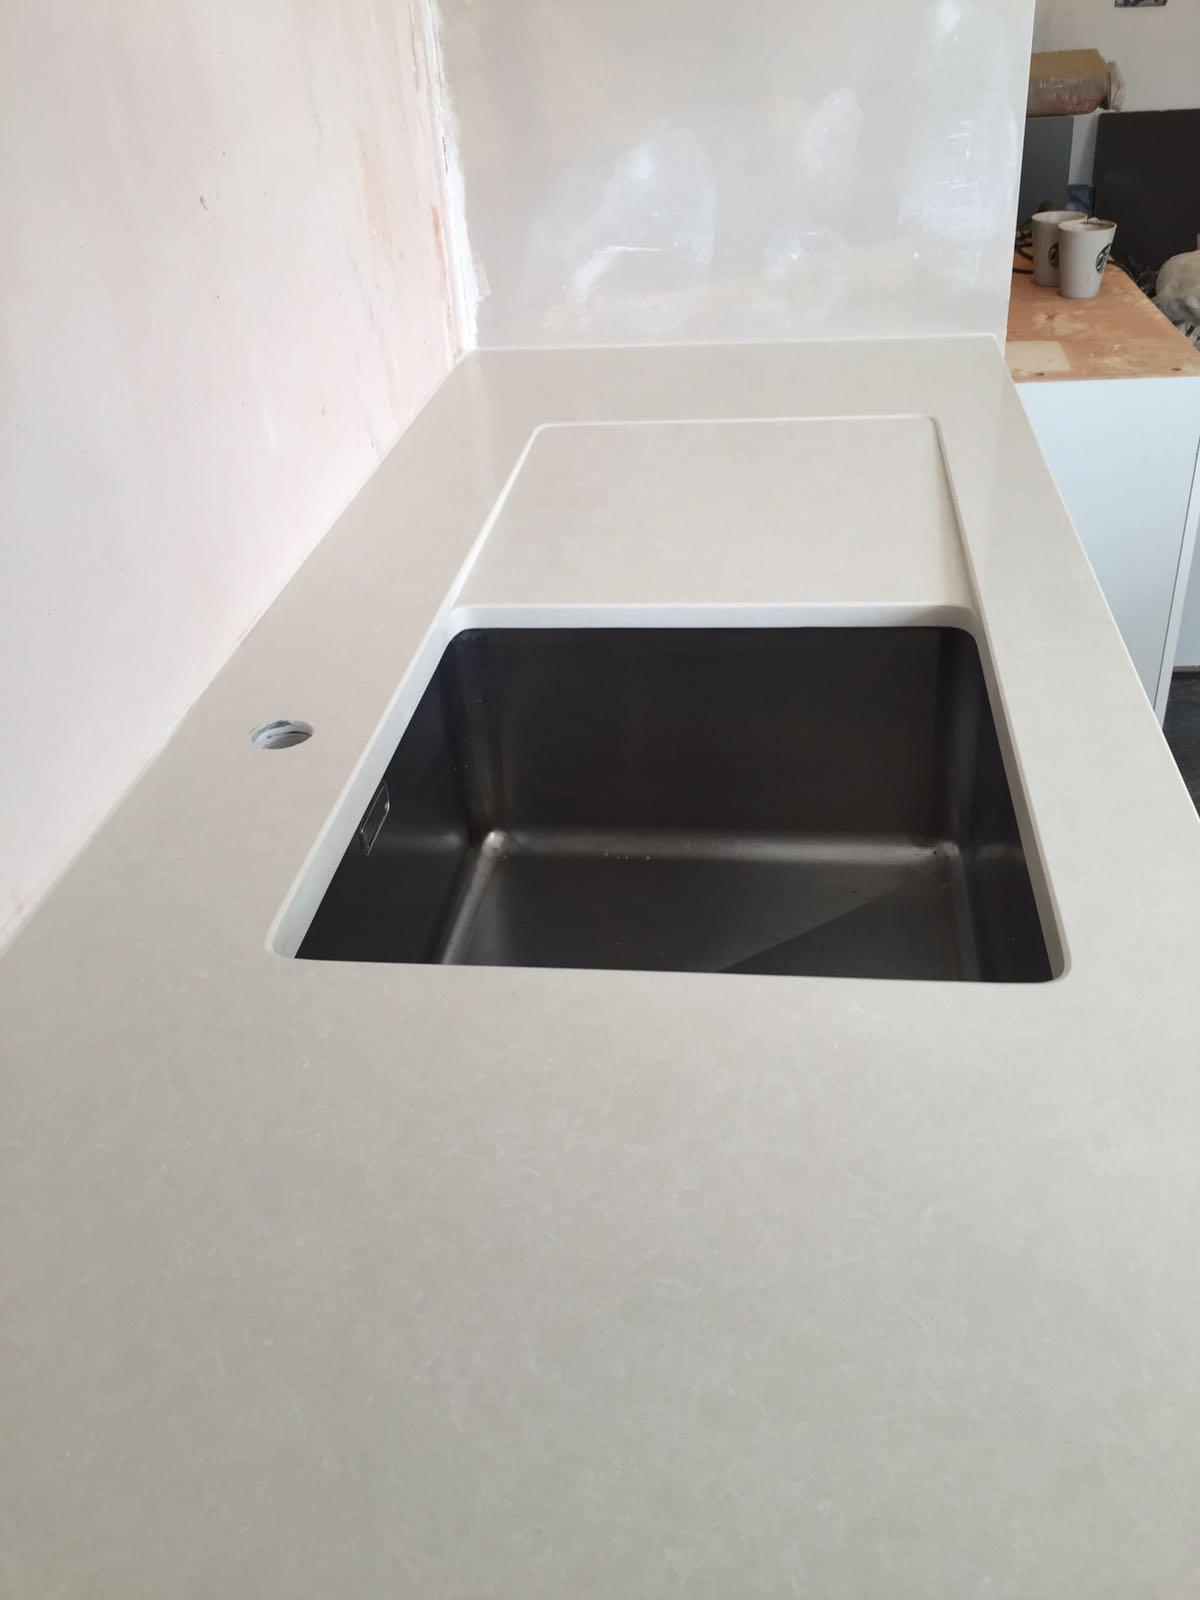 recessed sink drain ( drop down drain )